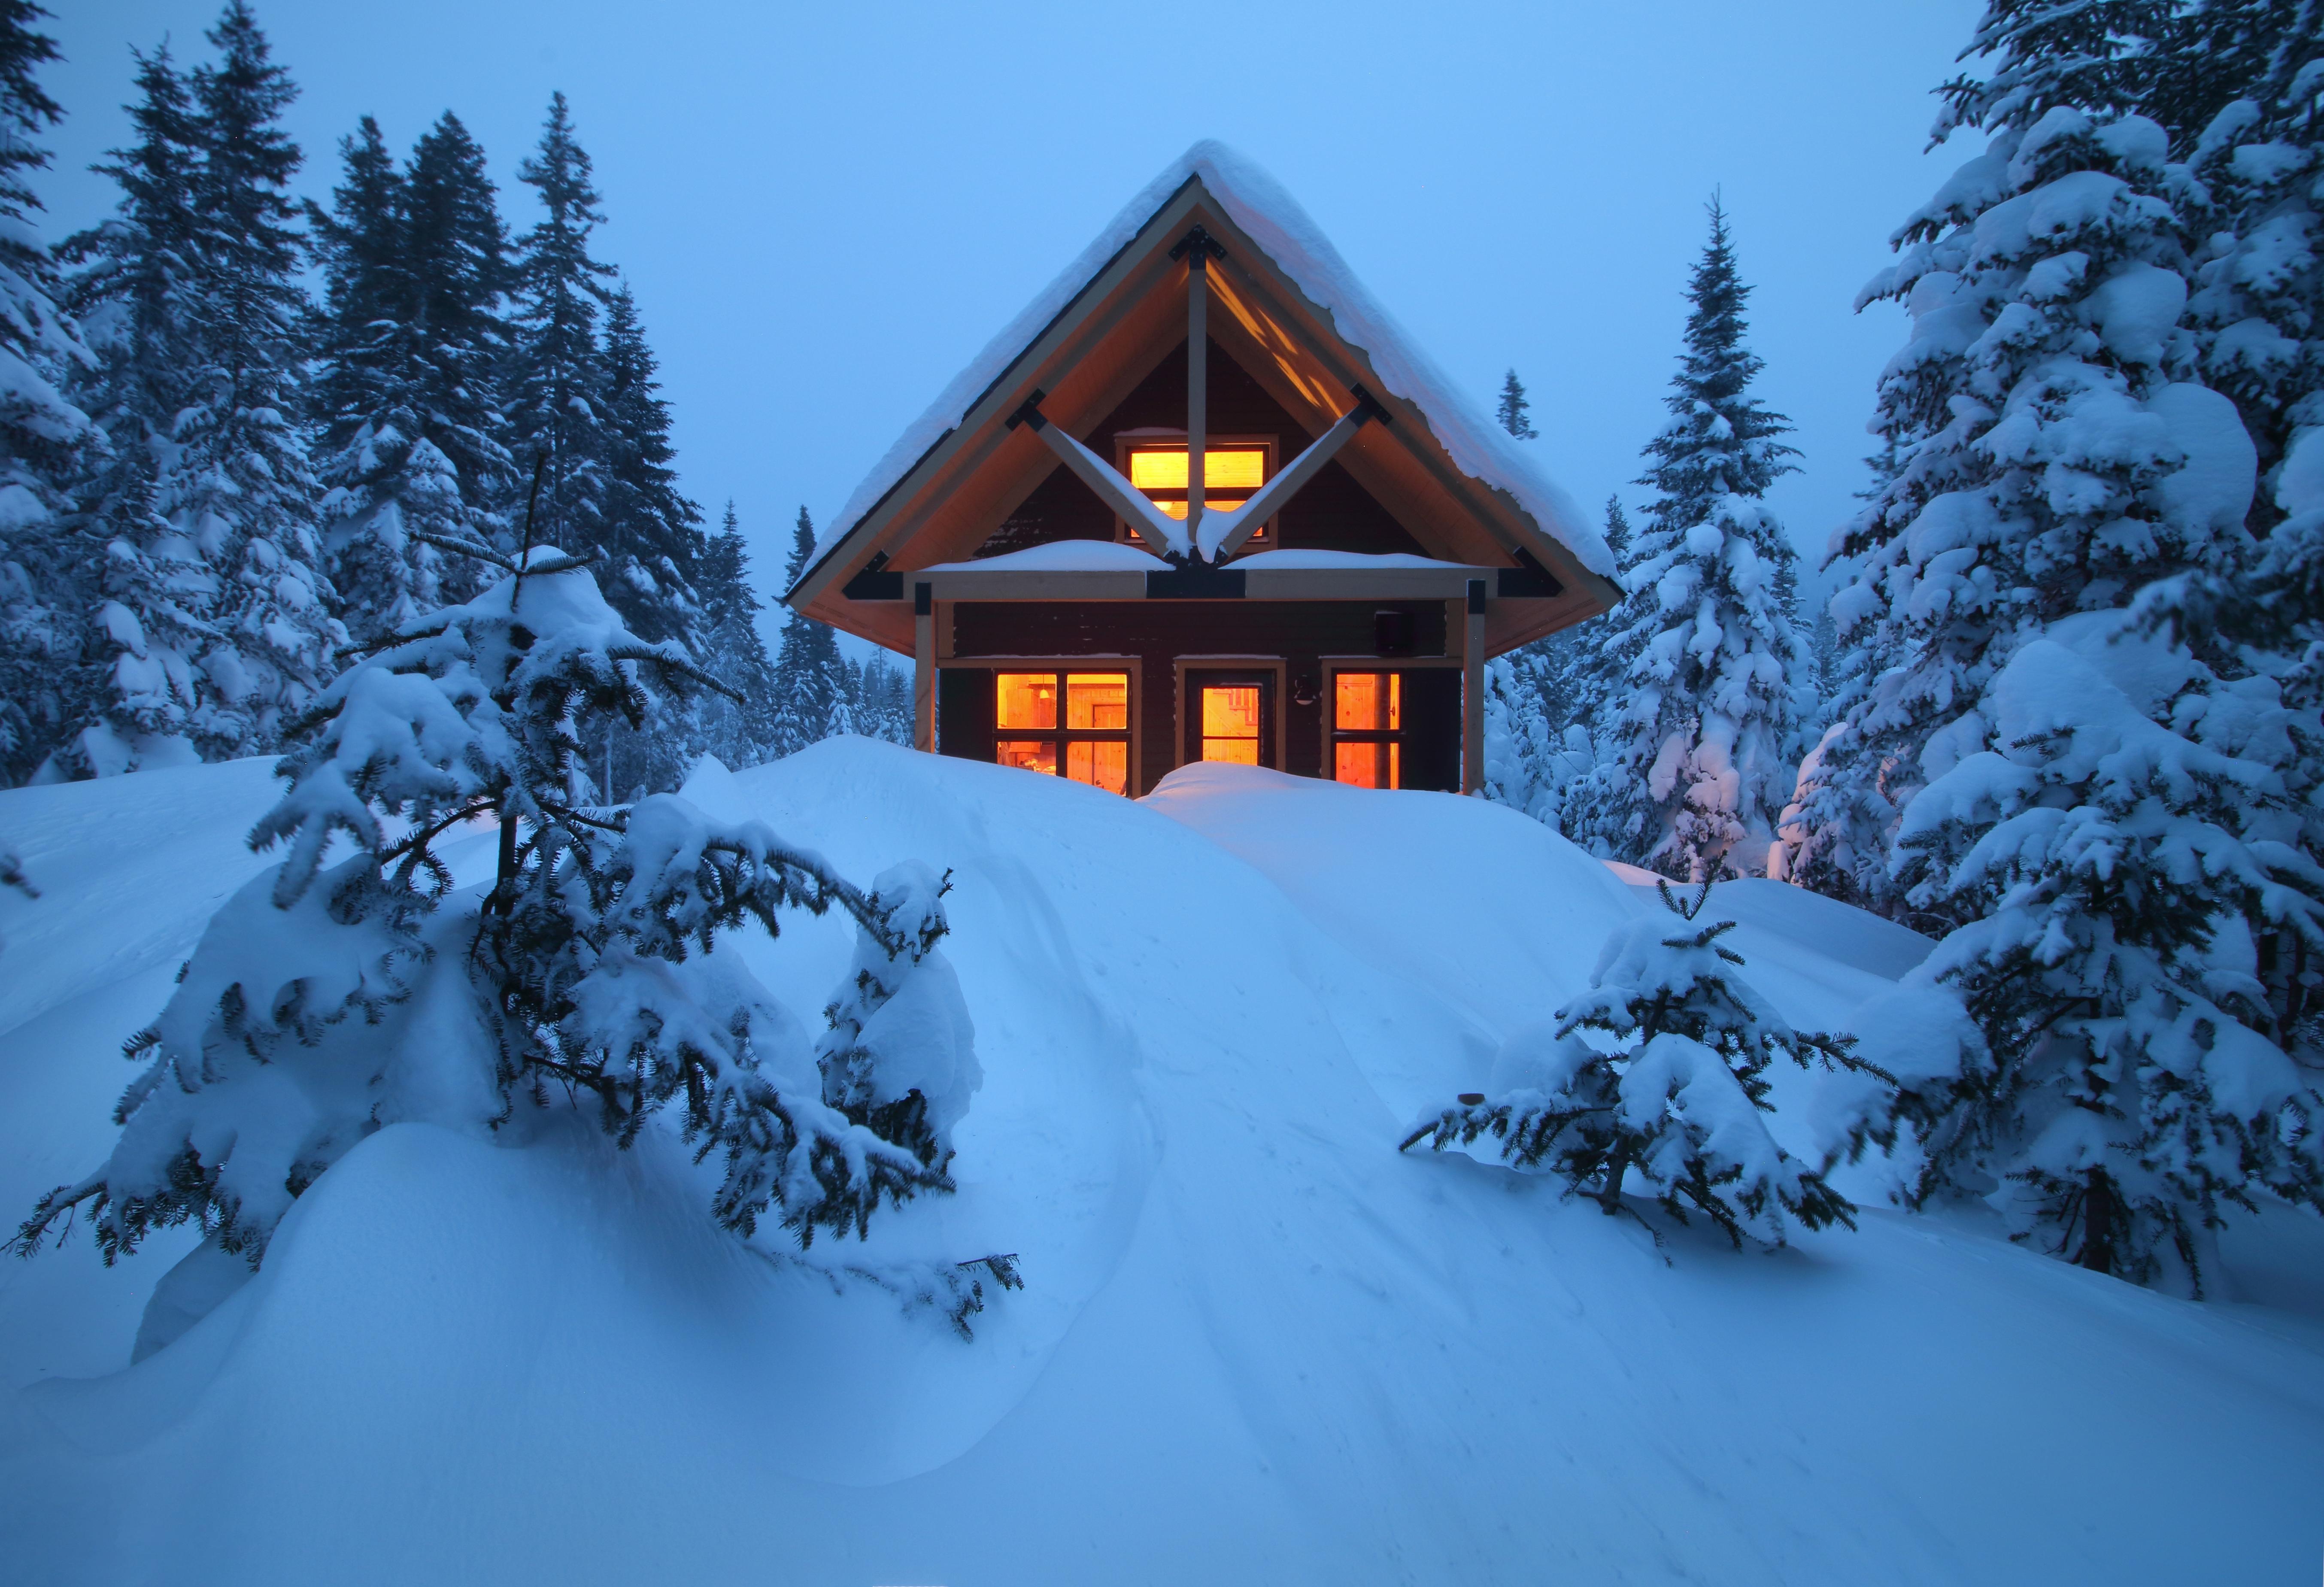 картинка домика в снегу любом